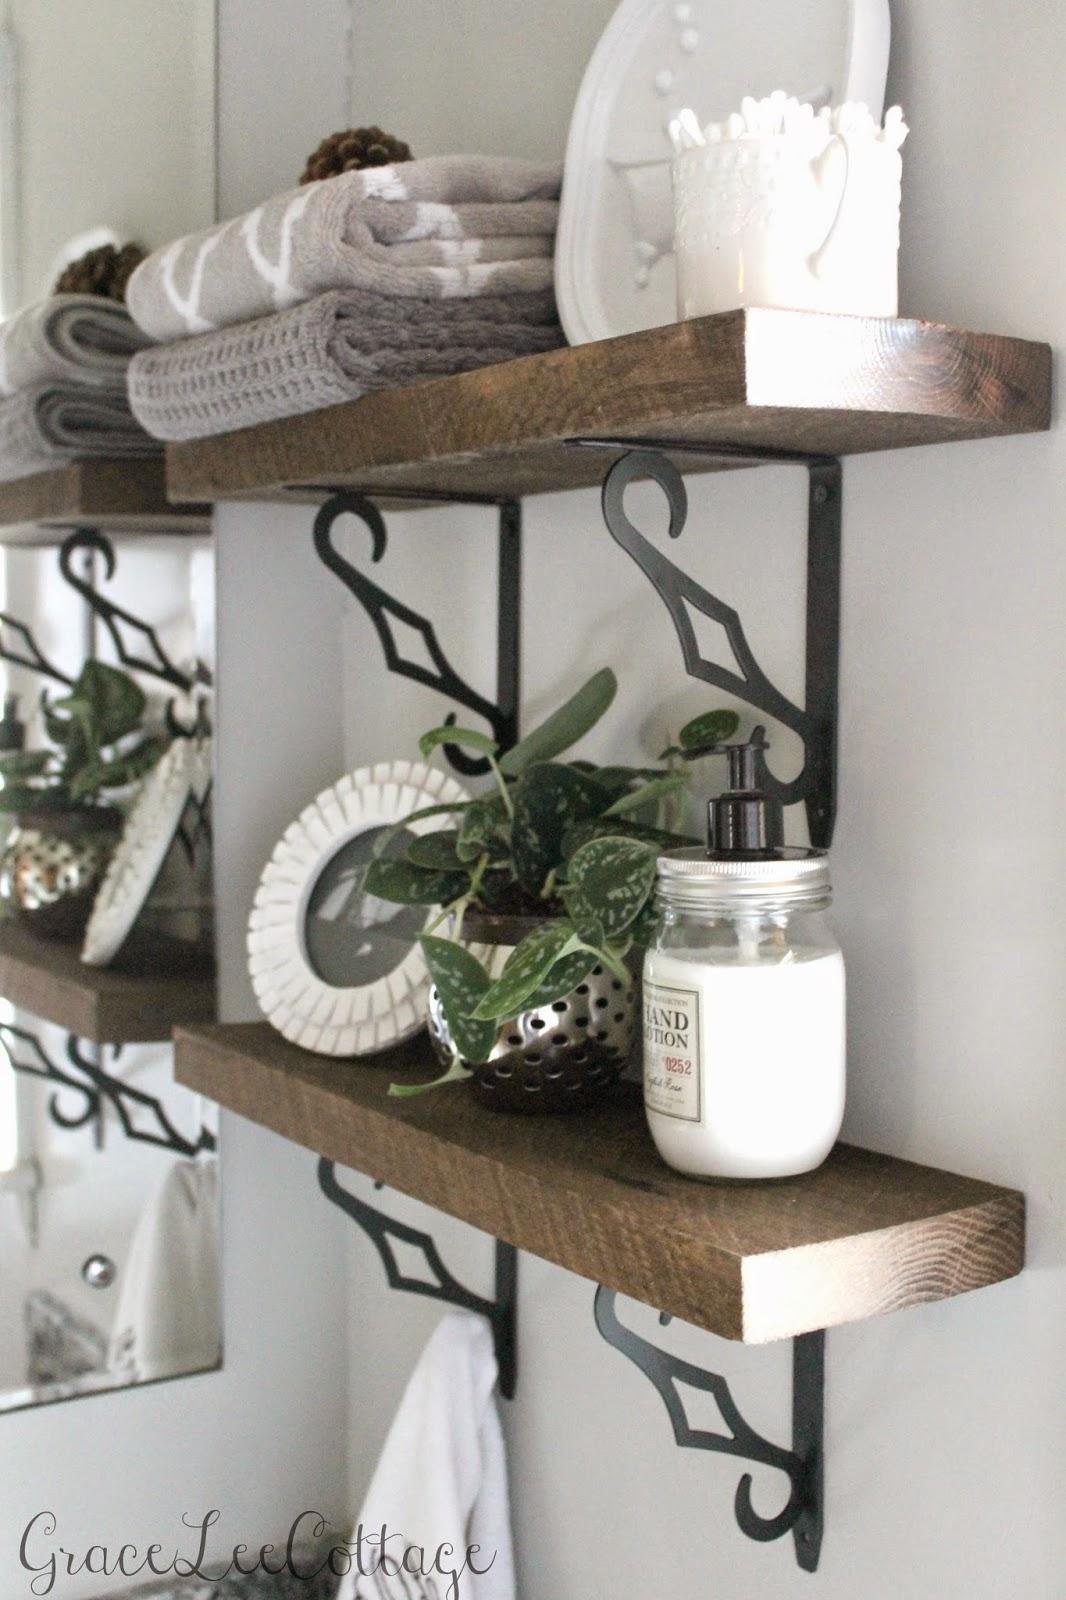 Grace lee cottage diy rustic bathroom shelves for Shelves in a bathroom